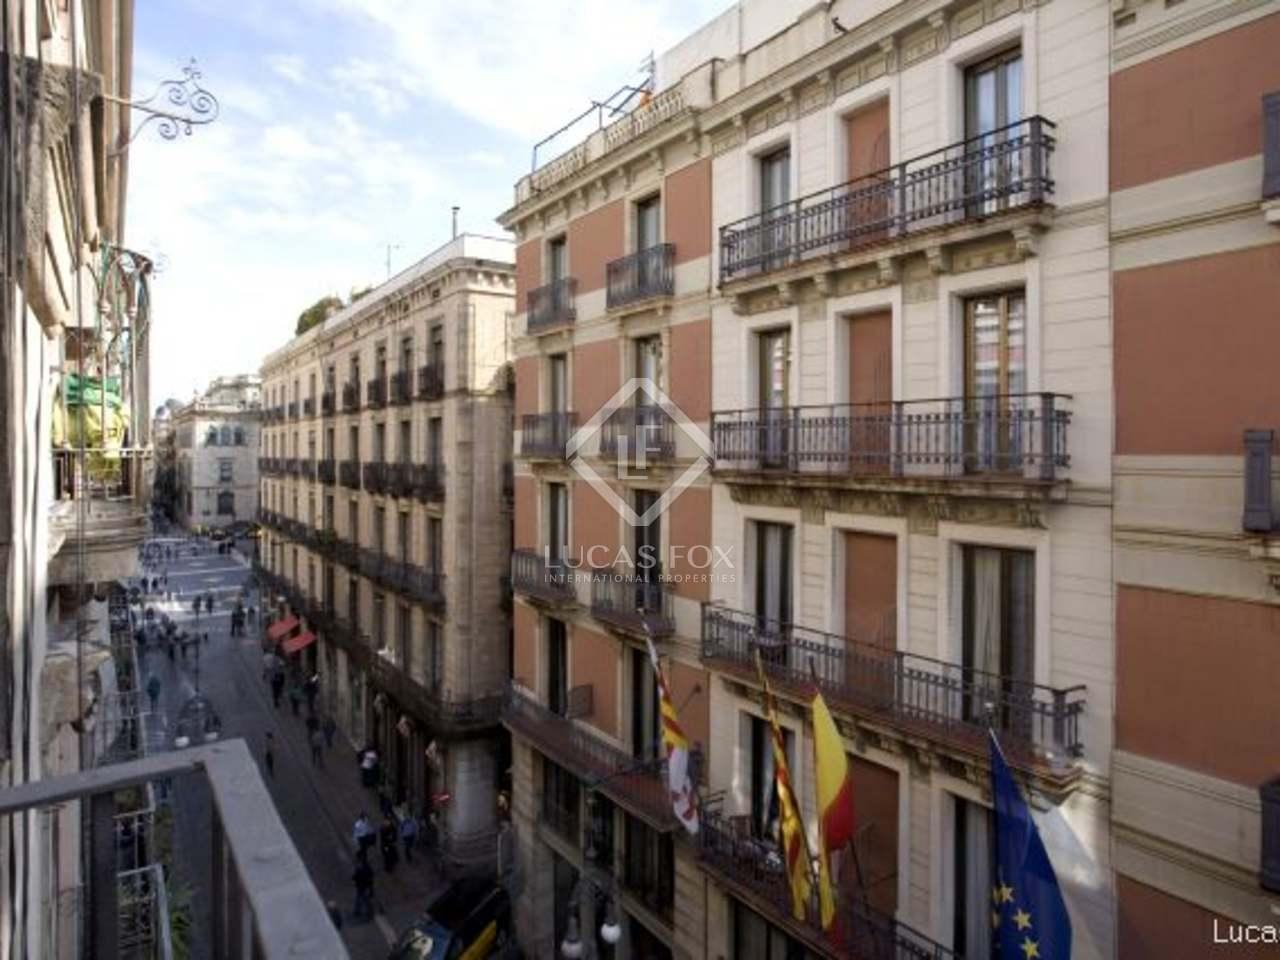 Appartement en dernier tage acheter dans la vieille for Appartement barcelone piscine